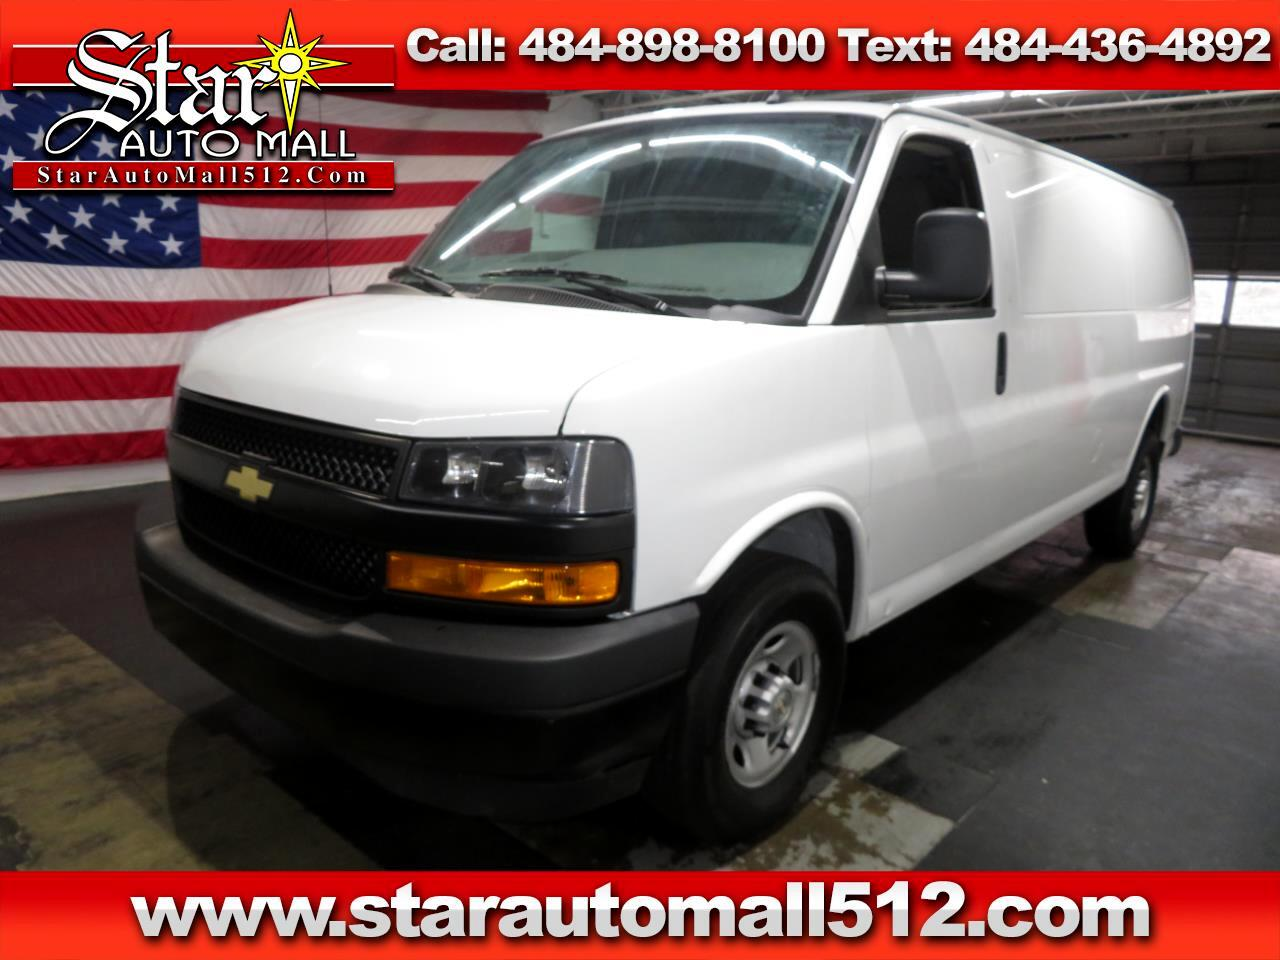 2018 Chevrolet Express Cargo Van RWD 2500 155